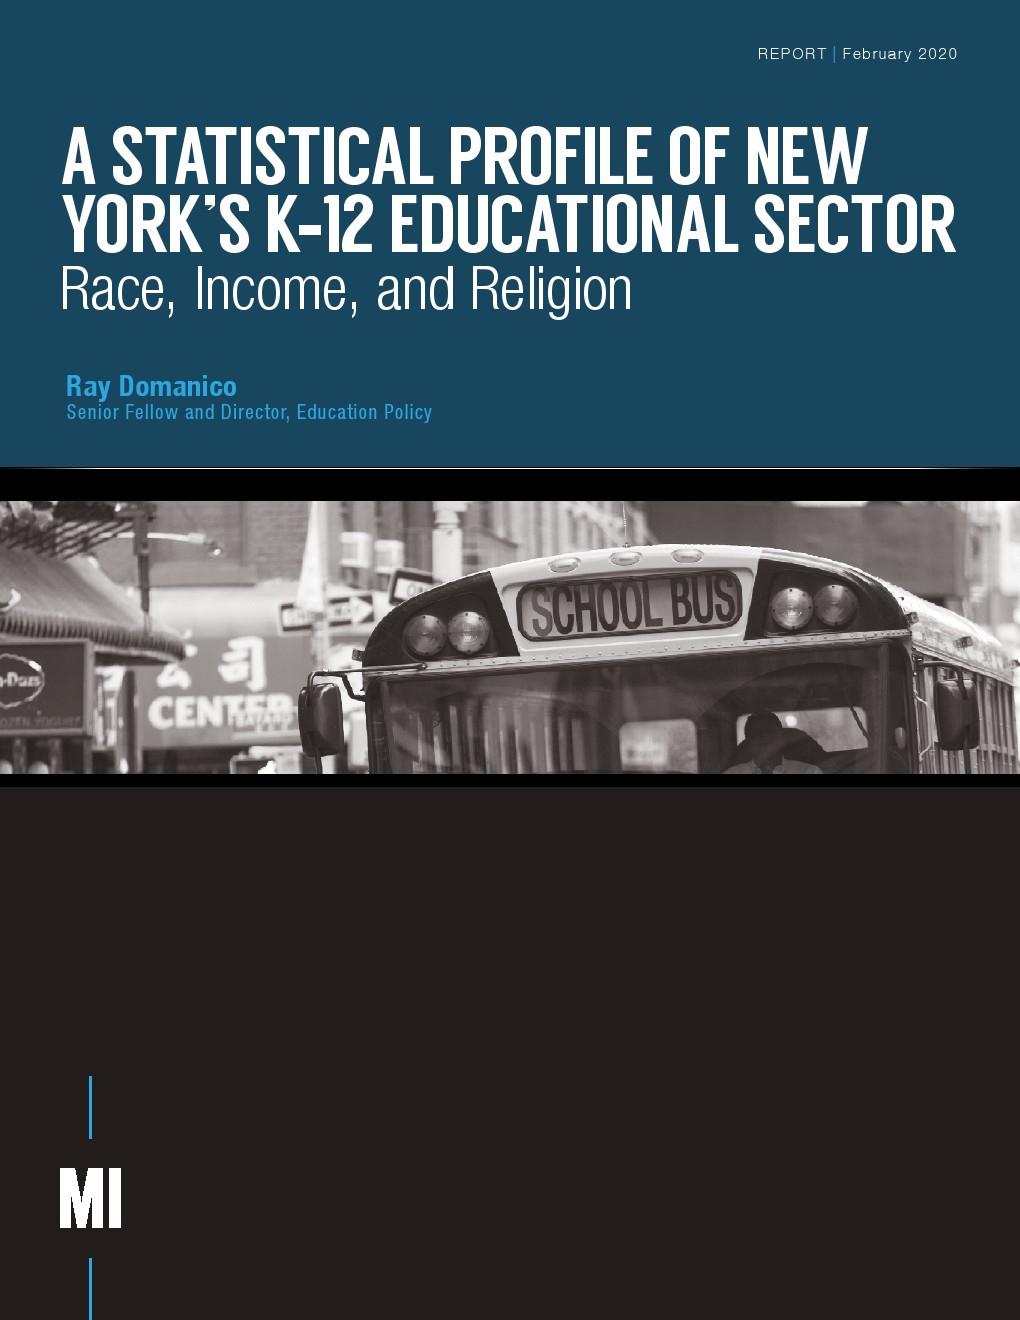 曼哈顿学院:纽约K-12学校统计资料